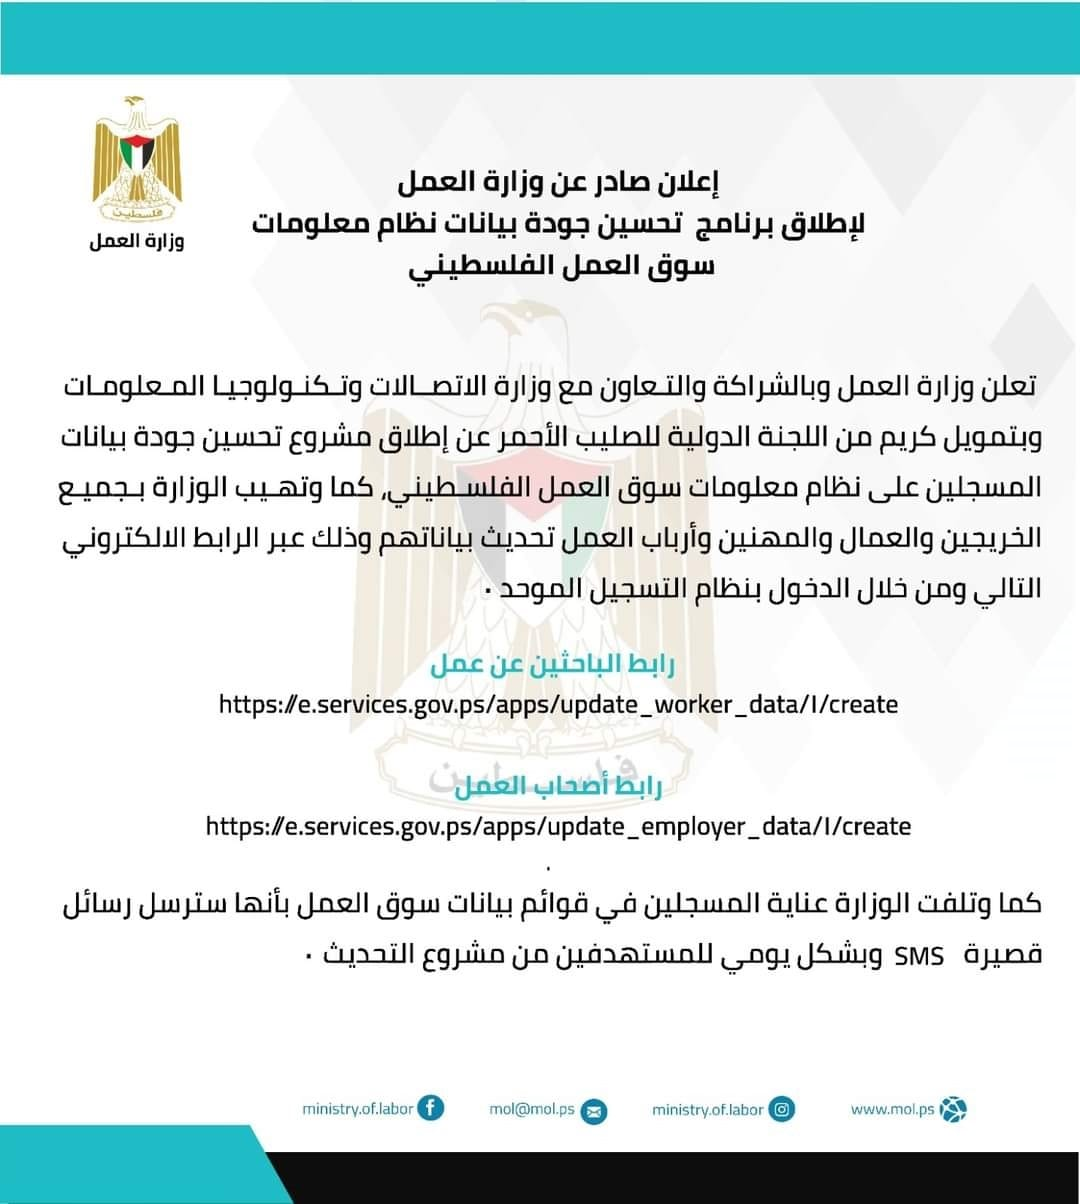 وزارة العمل تحديث بيانات الخريجين والعمال